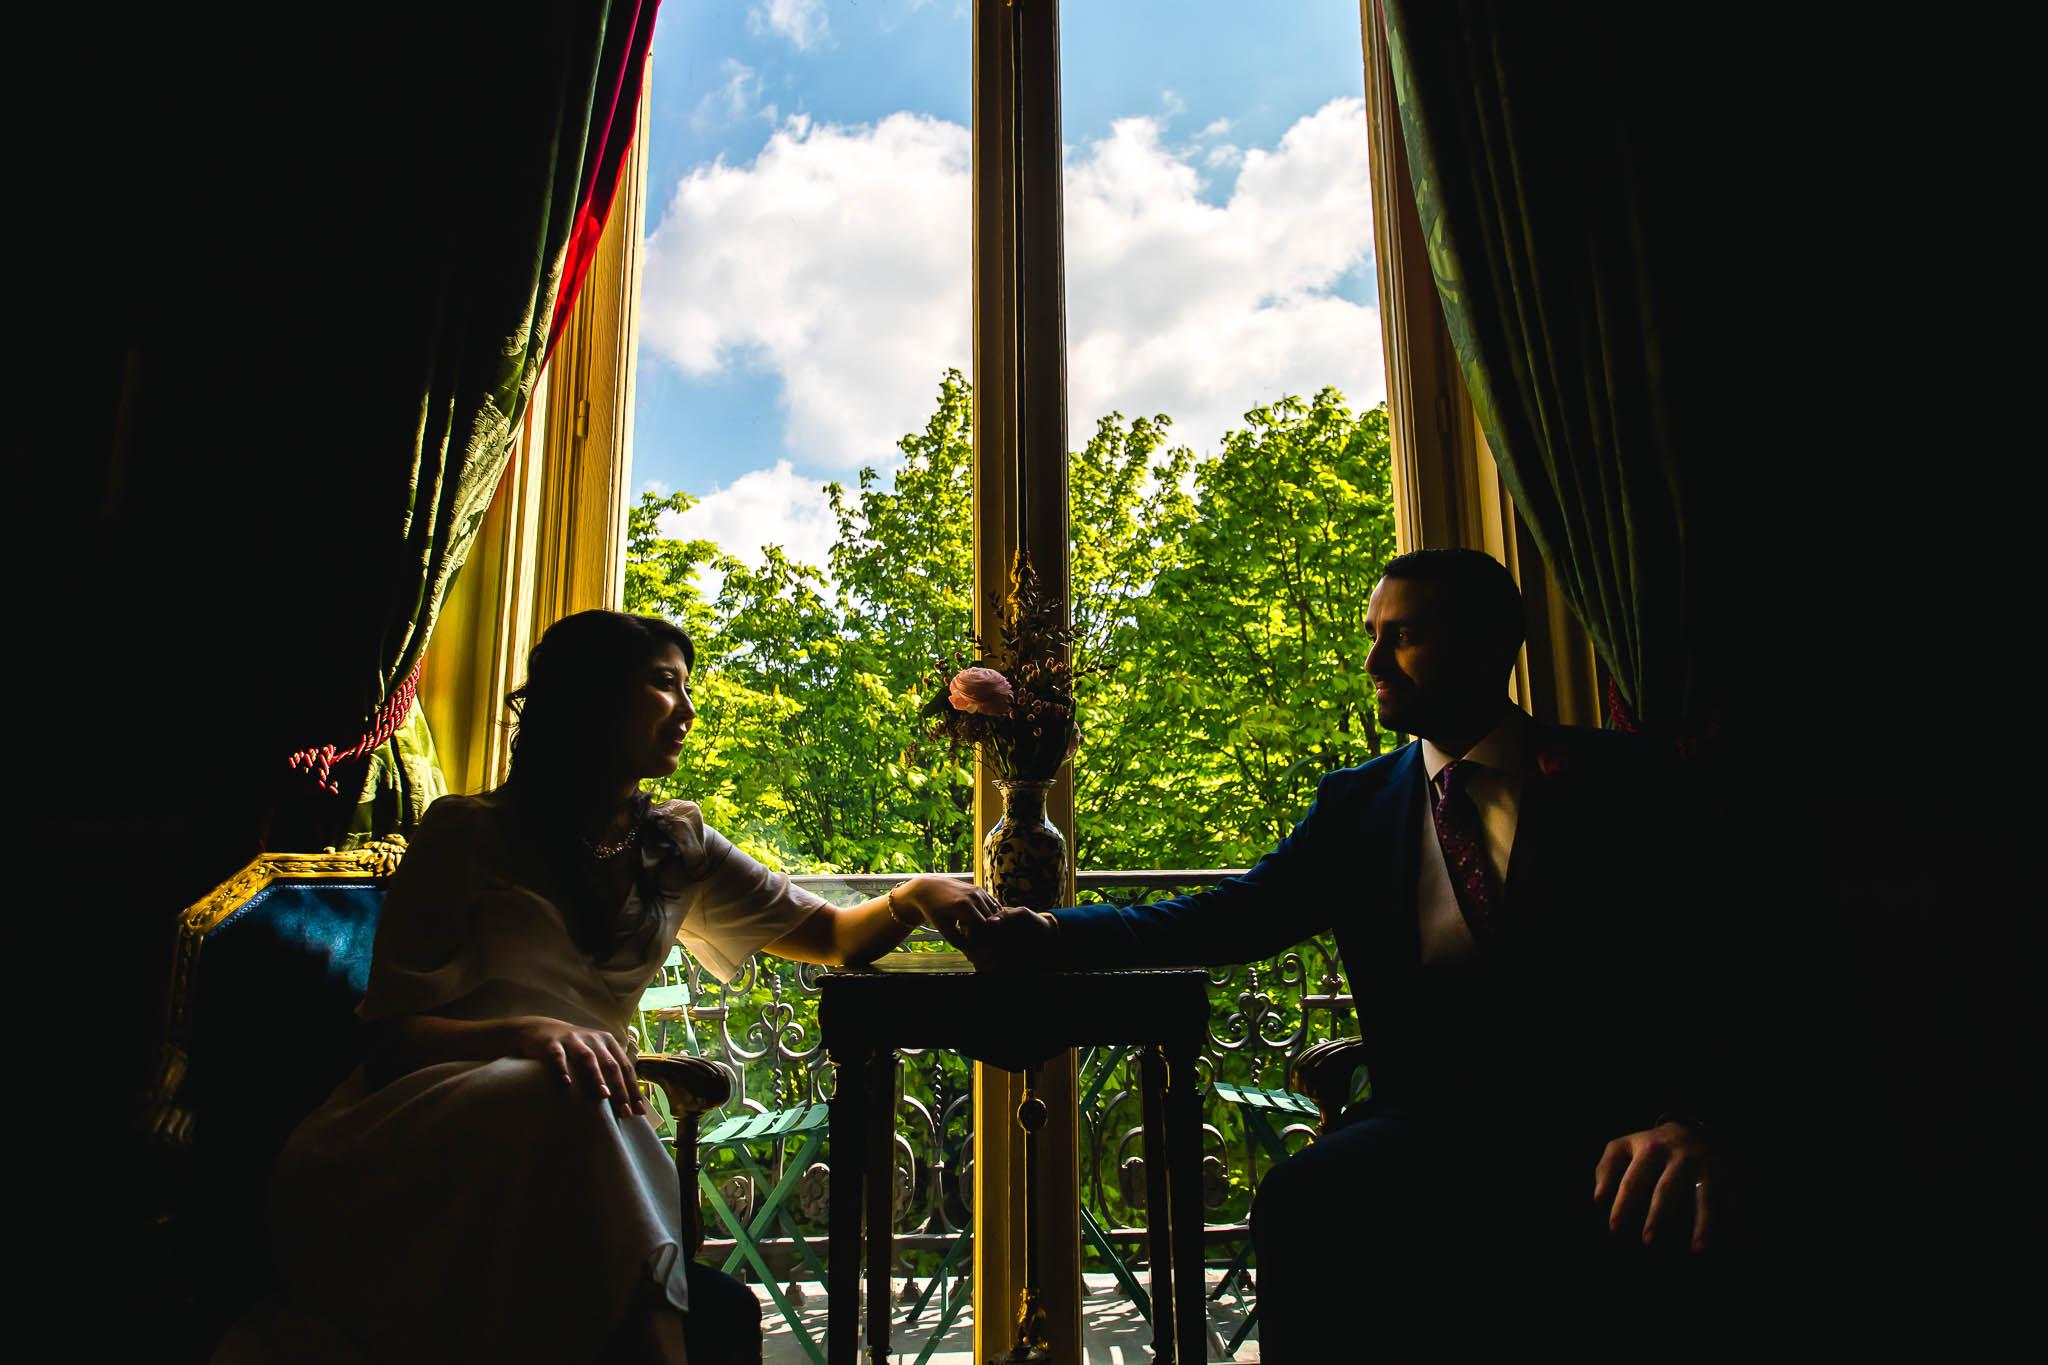 Art_Avec_Amour_Photographe_Mariage_Famille_Paris_France-00194.jpg